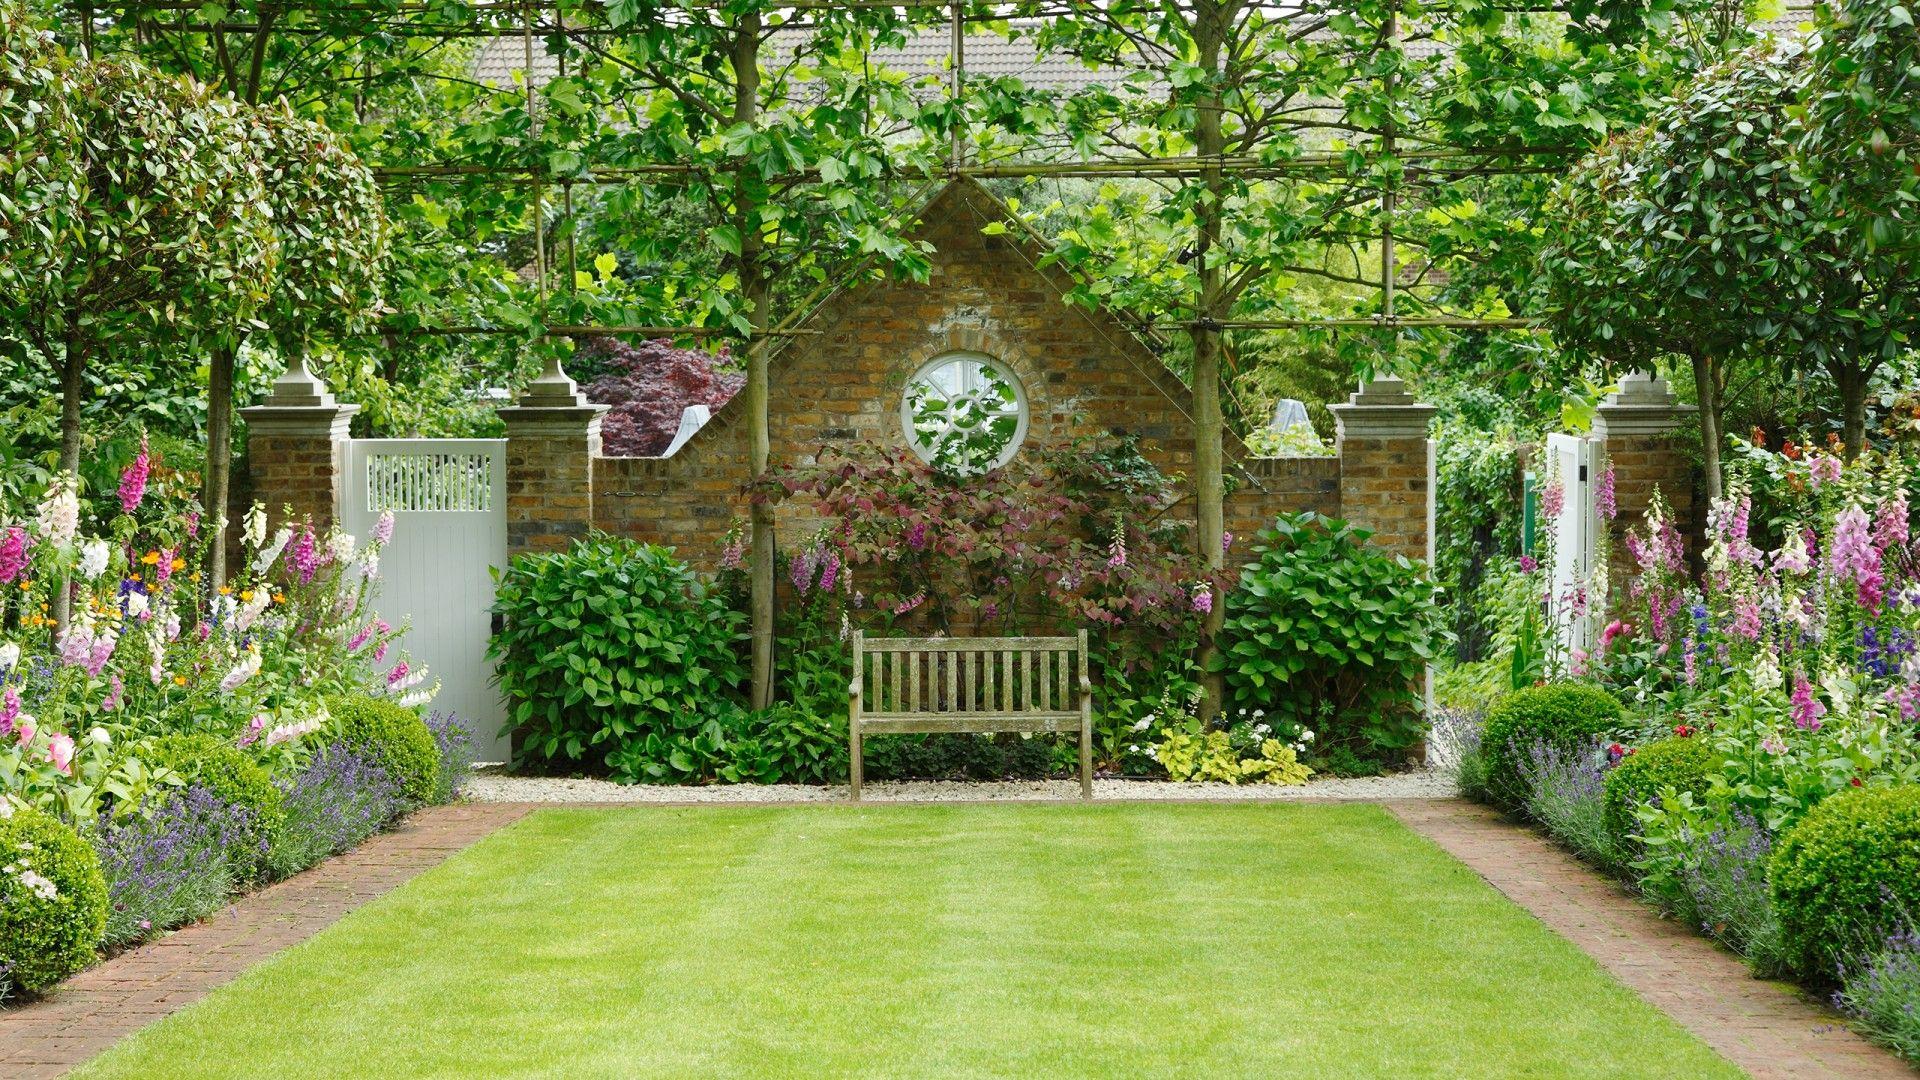 jardin anglais un banc parmi les fleurs ou le romantisme classique. Black Bedroom Furniture Sets. Home Design Ideas